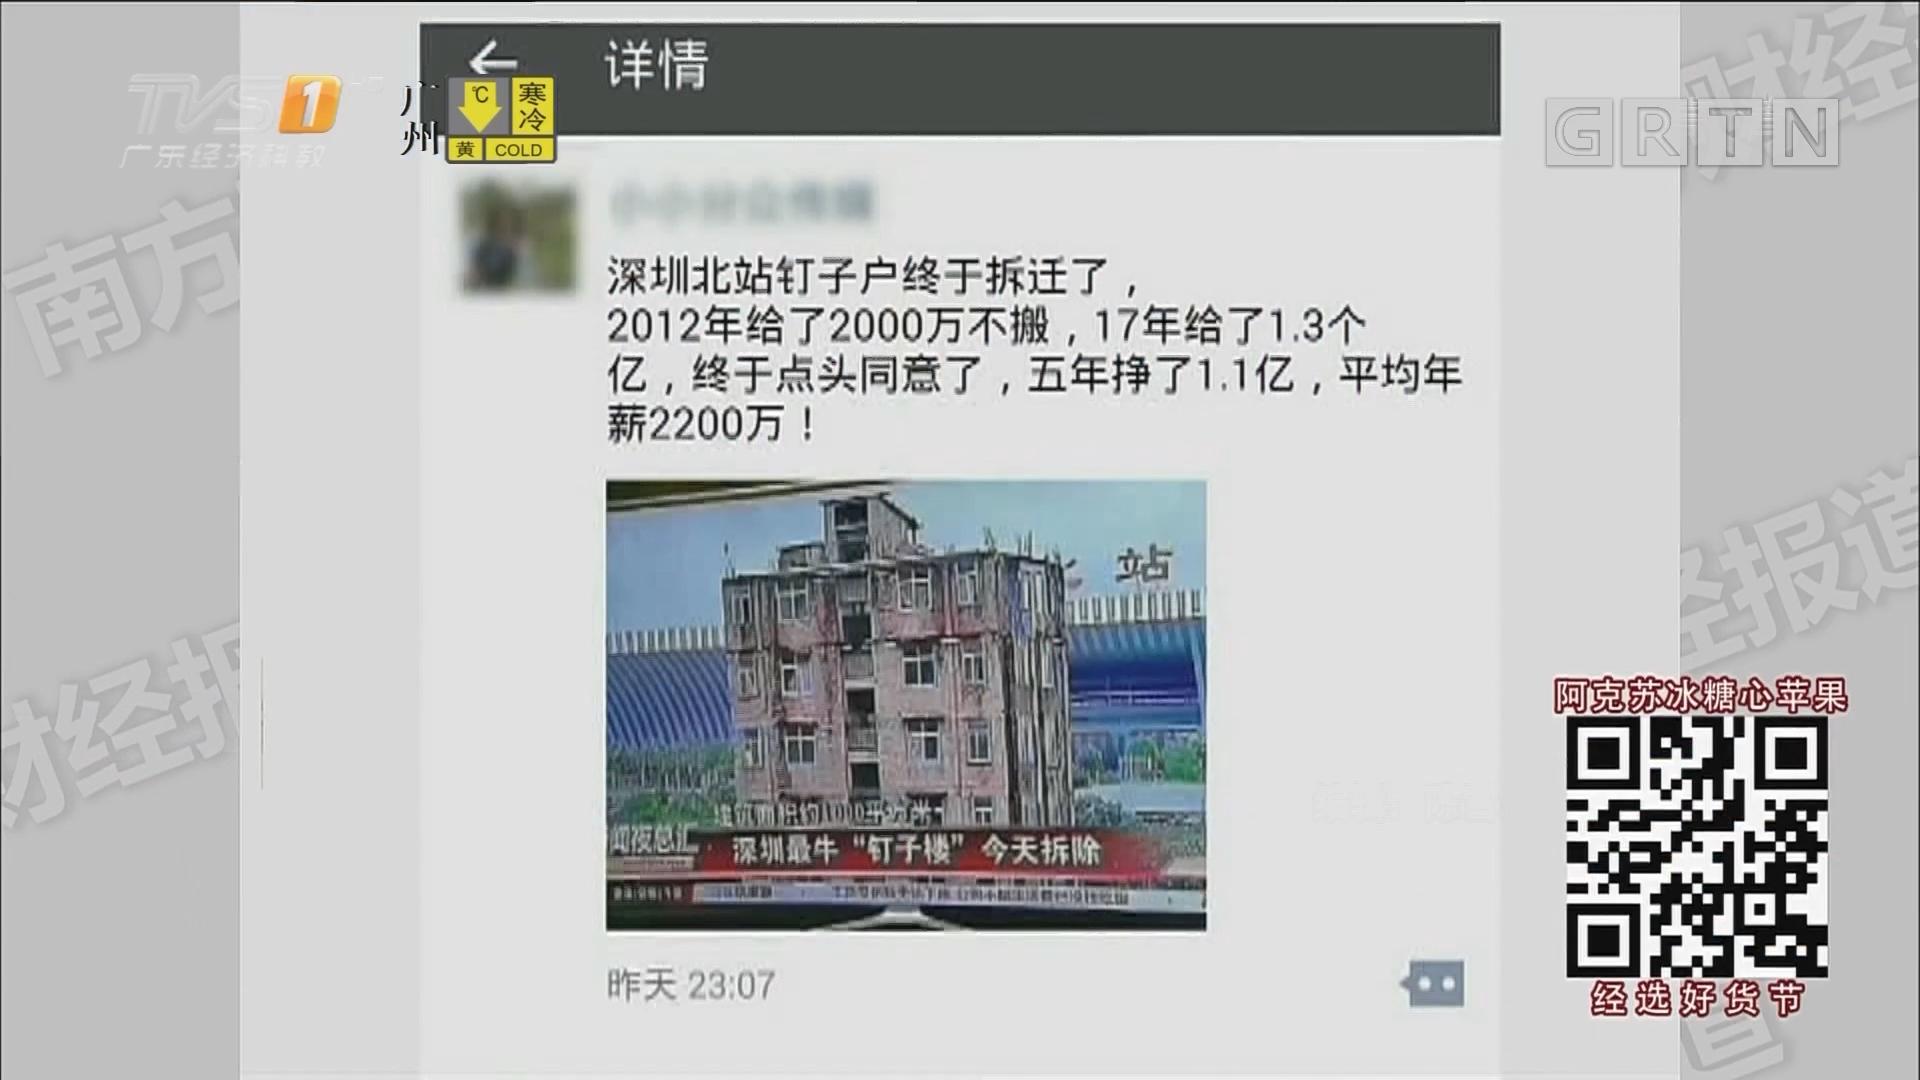 深圳北站烂尾楼拆迁赔1.3亿?中介造谣被行政拘留